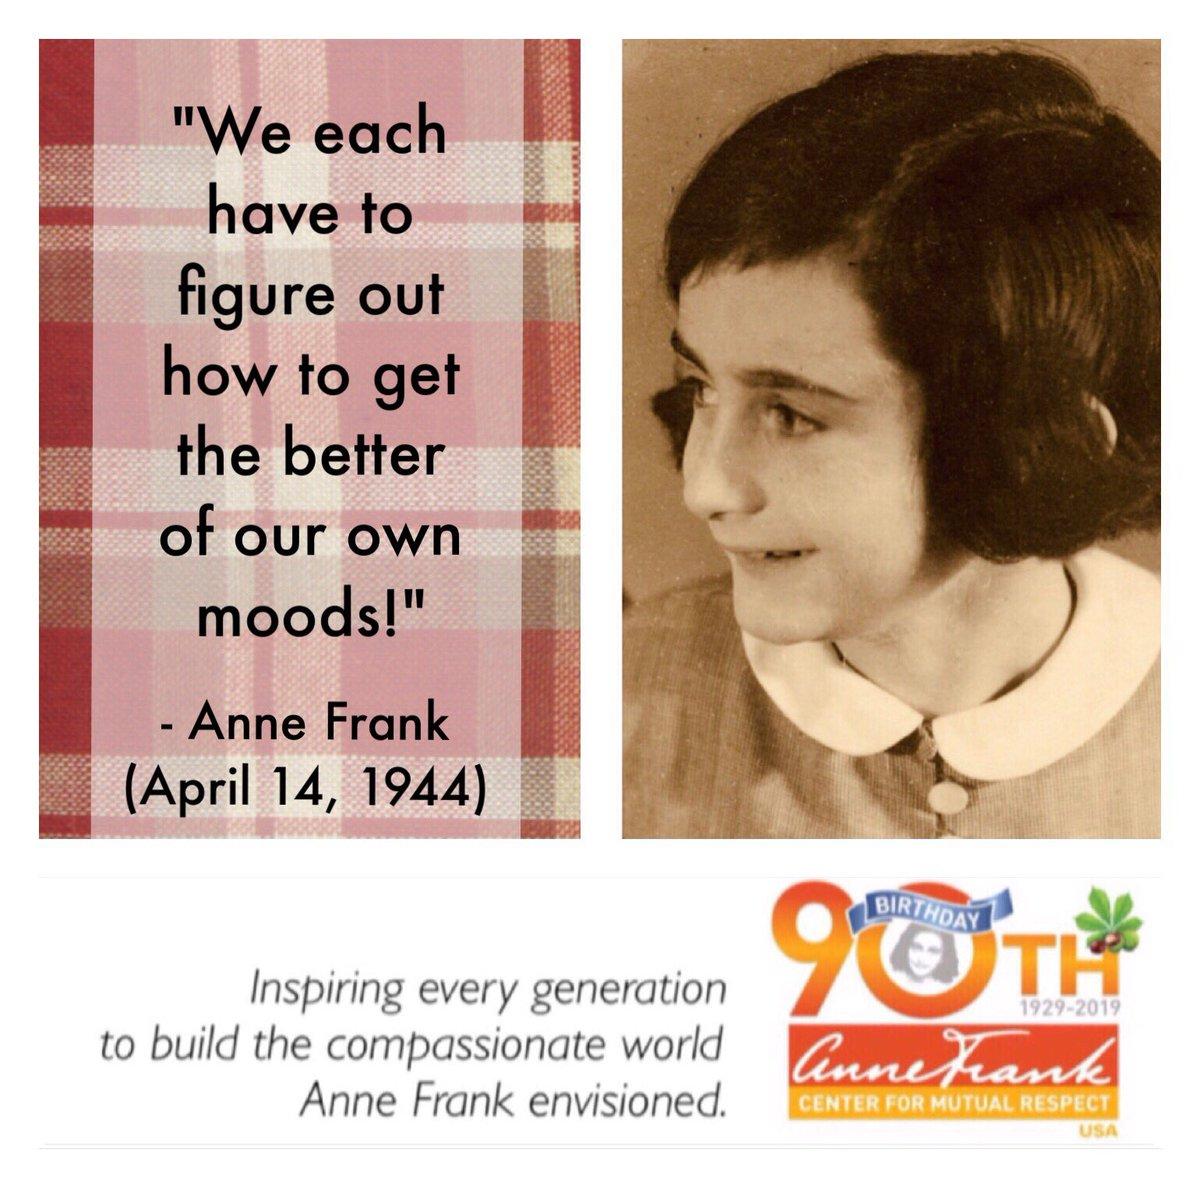 Anne Frank Center on Twitter: